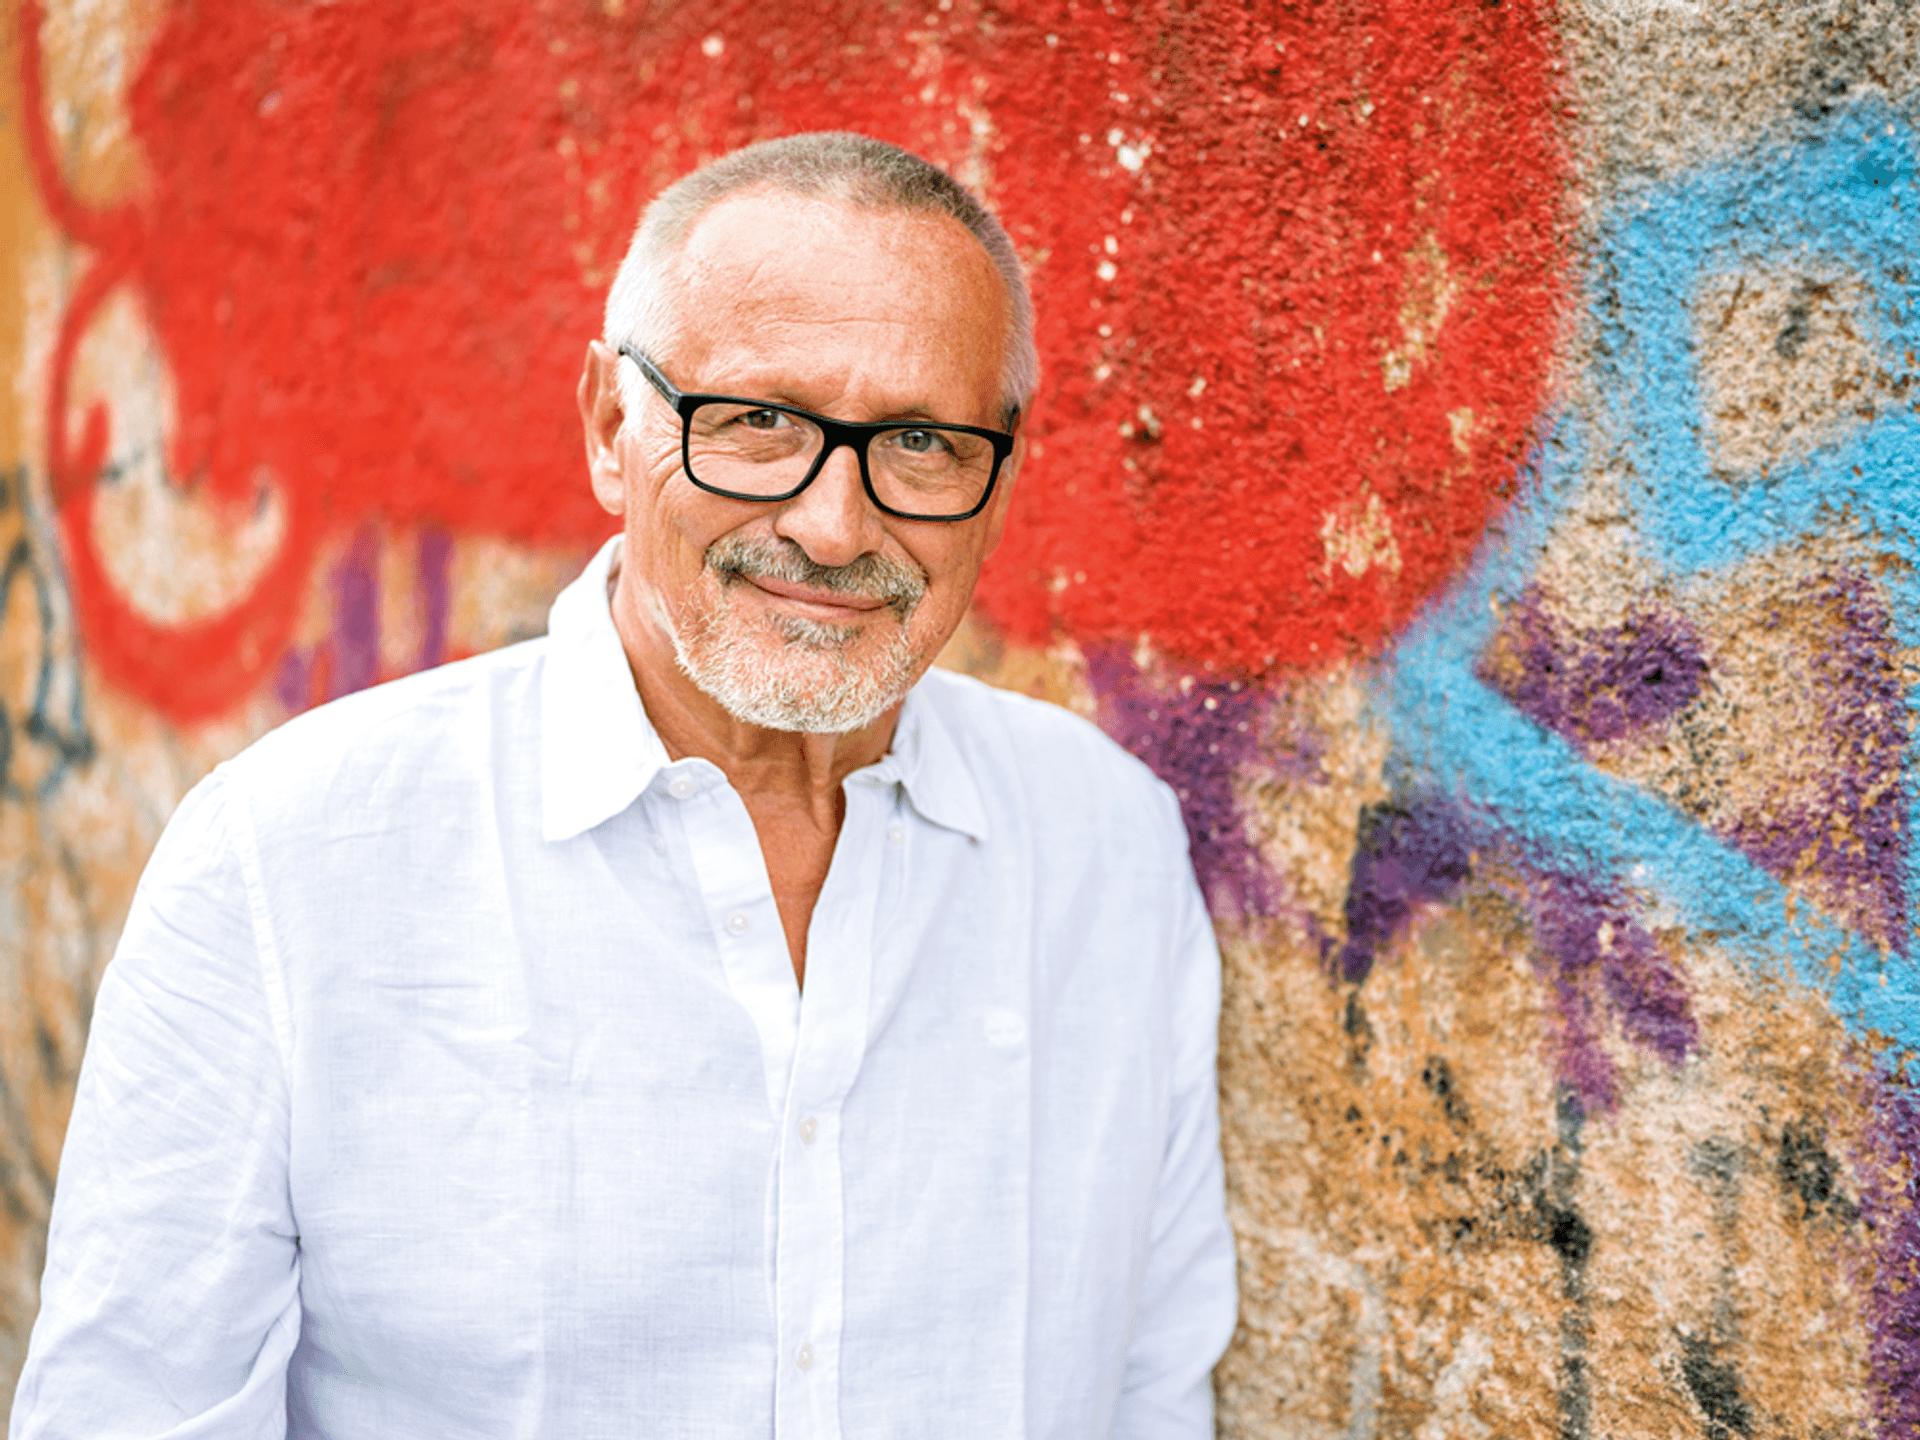 Ein Mann in weißem Hemd mit hellgrauen Haar und kurzem Vollbart und einer markanten schwaren Brille. er stet vor einer Graffiti-Wand und lächelt.